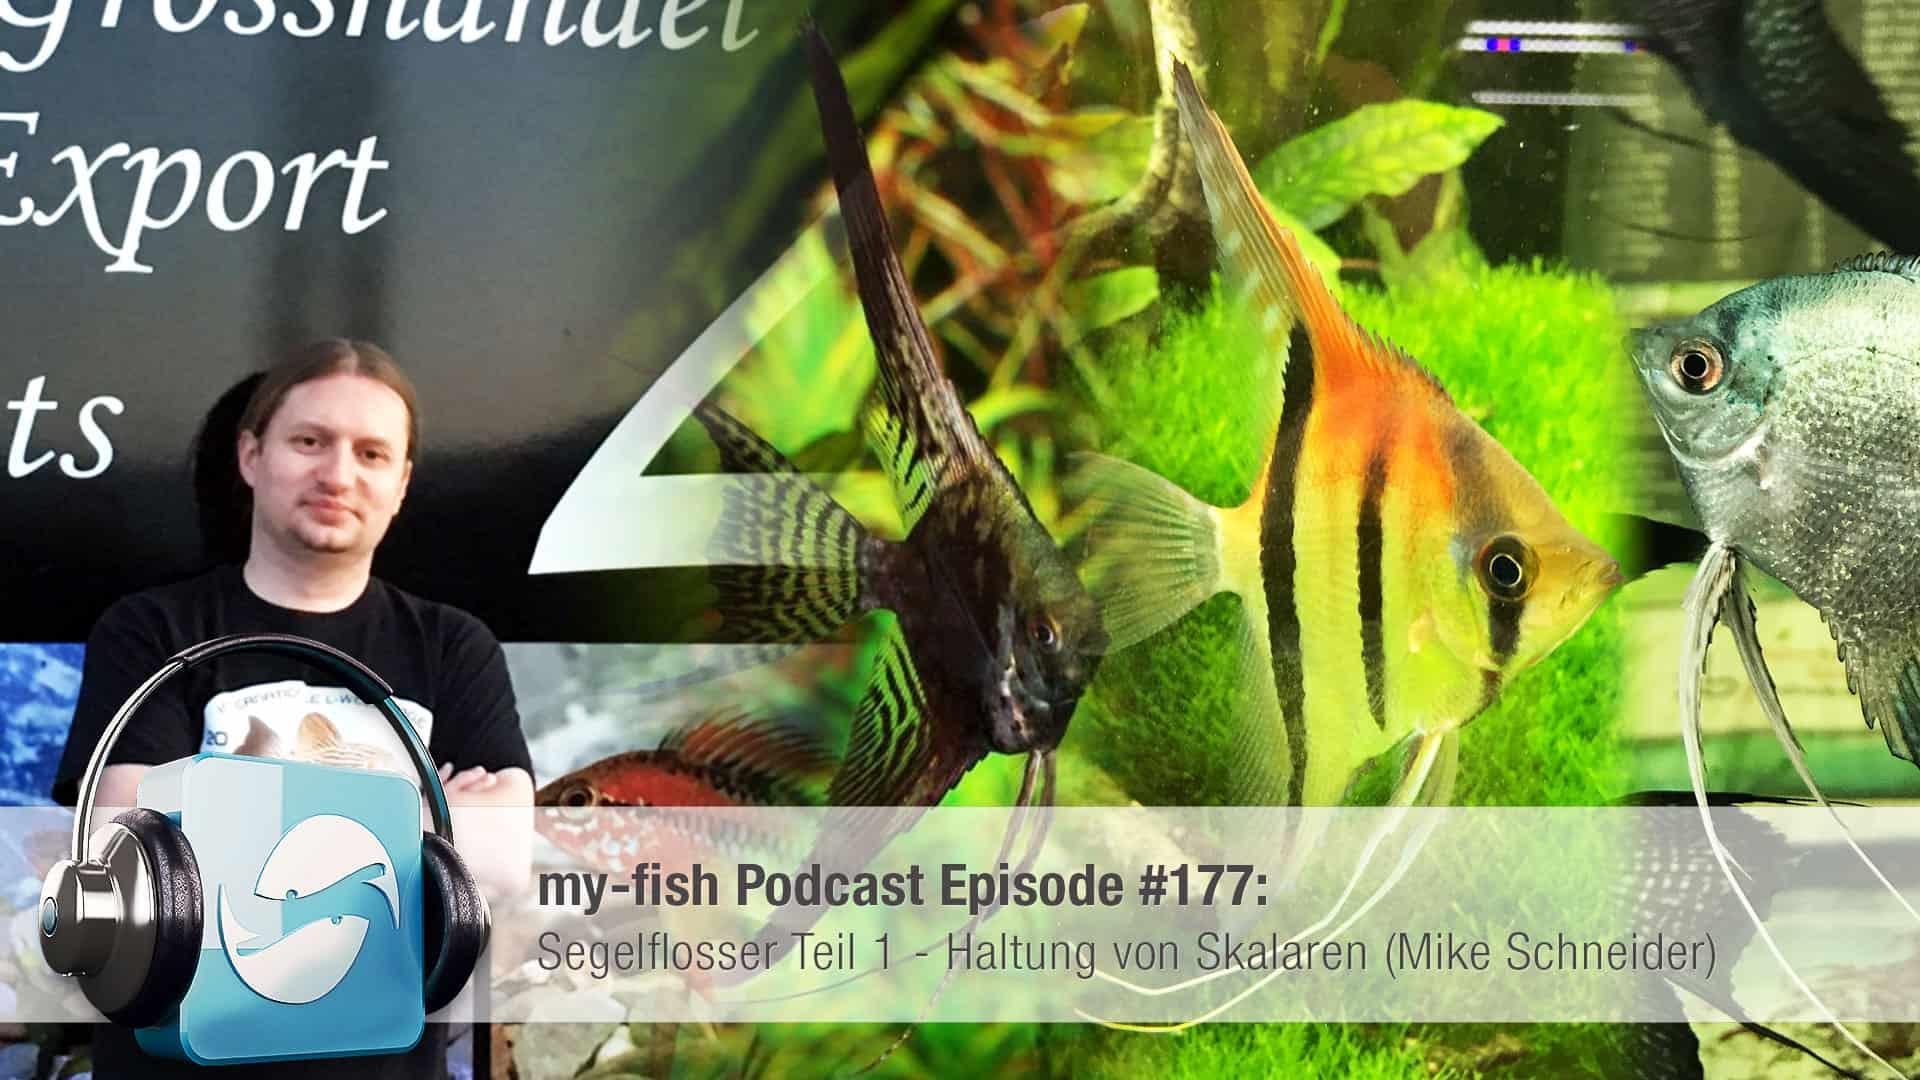 Podcast Episode #177: Segelflosser Teil 1 - Haltung von Skalaren (Mike Schneider) 1